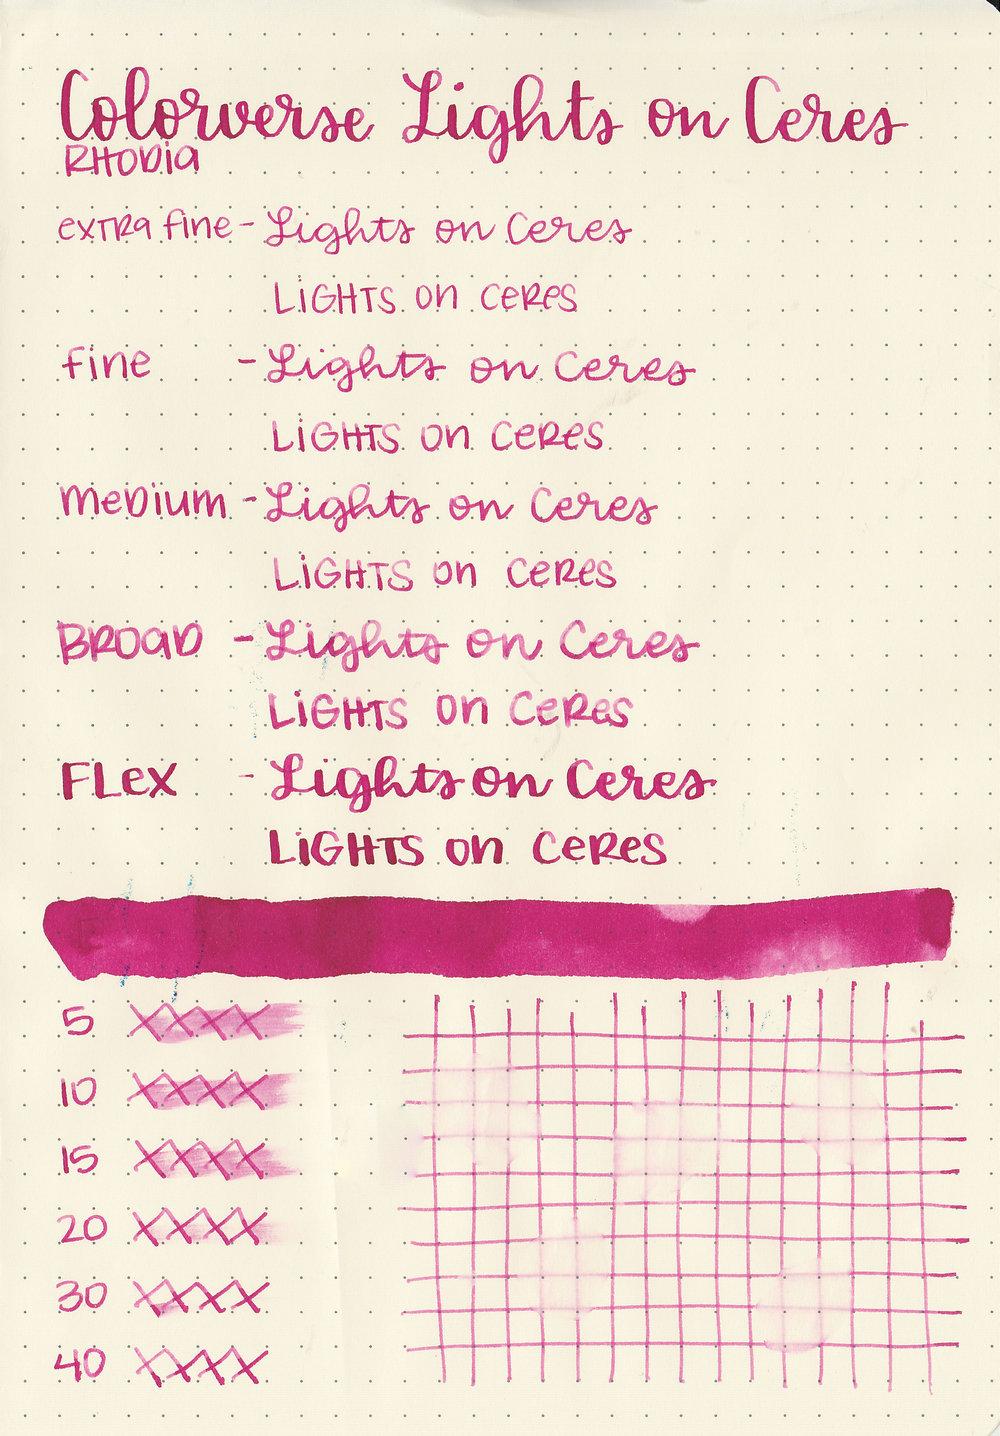 cv-lights-on-ceres-4.jpg